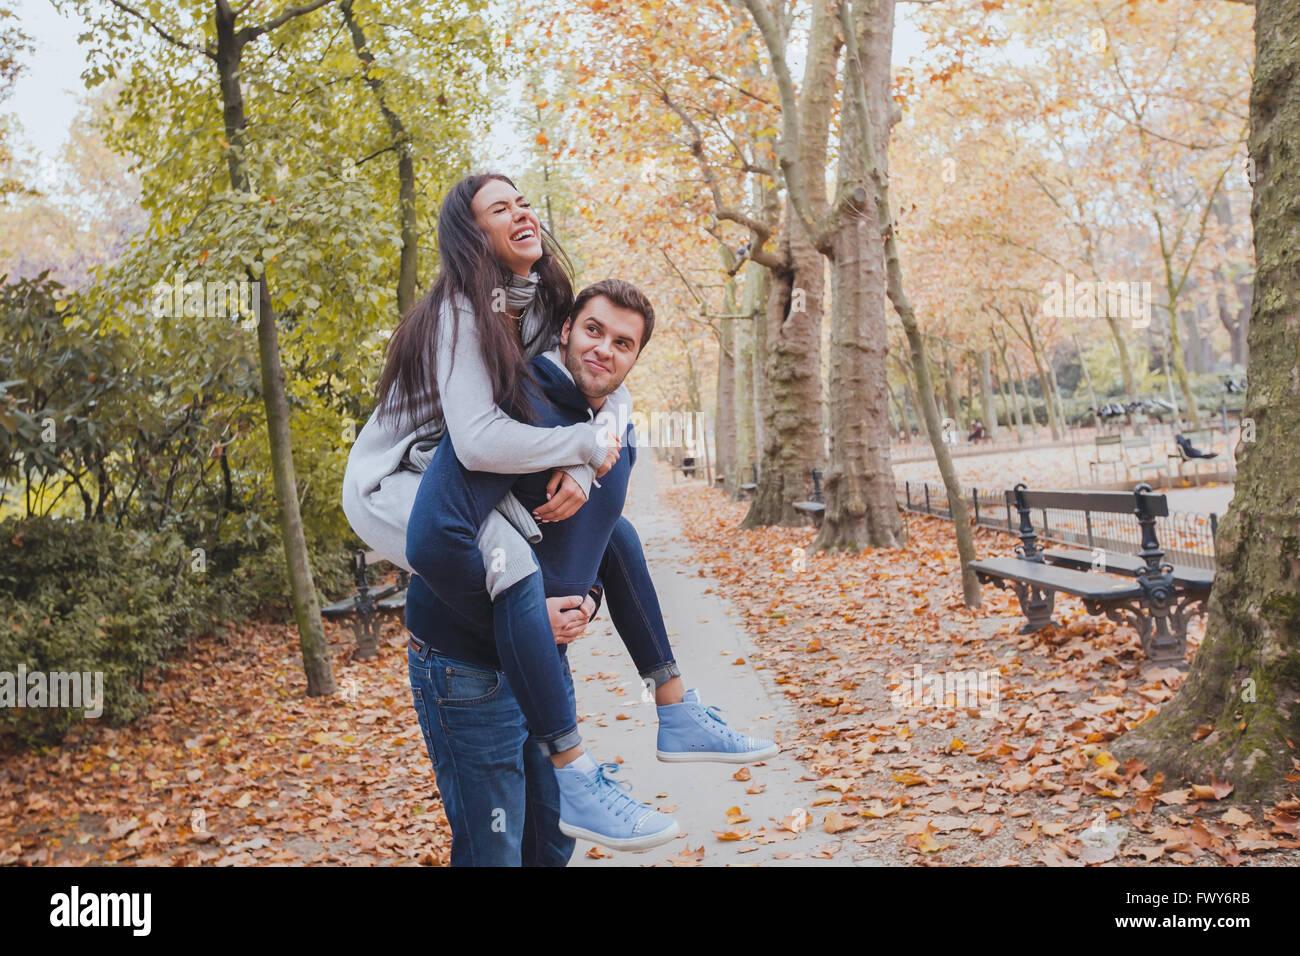 Feliz pareja joven divirtiéndose en otoño, el parque de la familia caucásica, hombre y mujer, piggyback Imagen De Stock